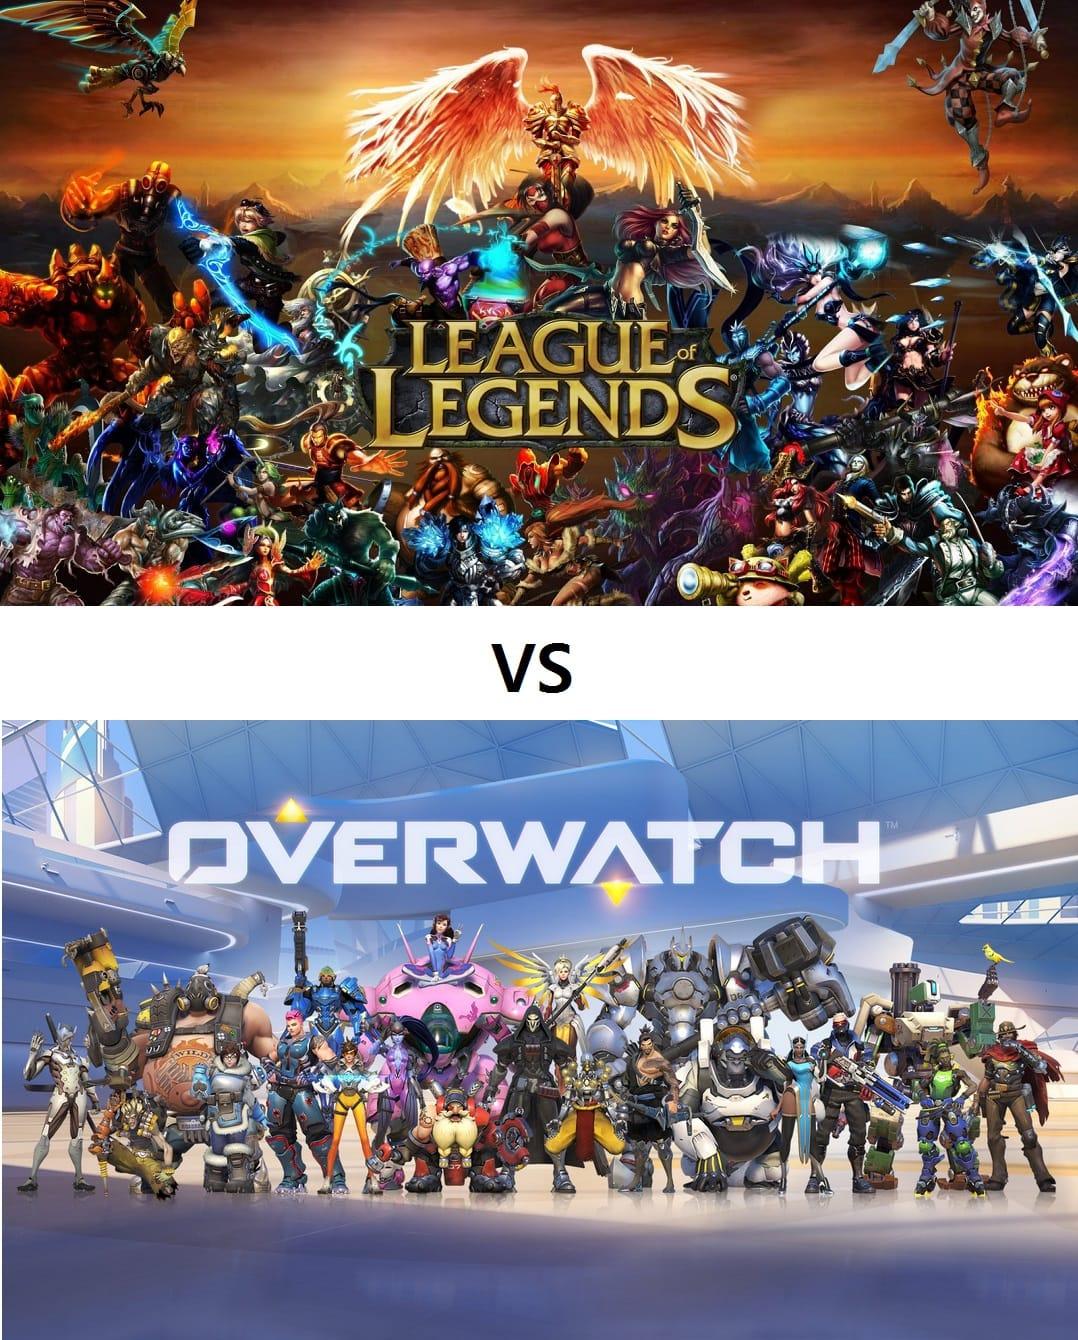 League of Legends vs Overwatch